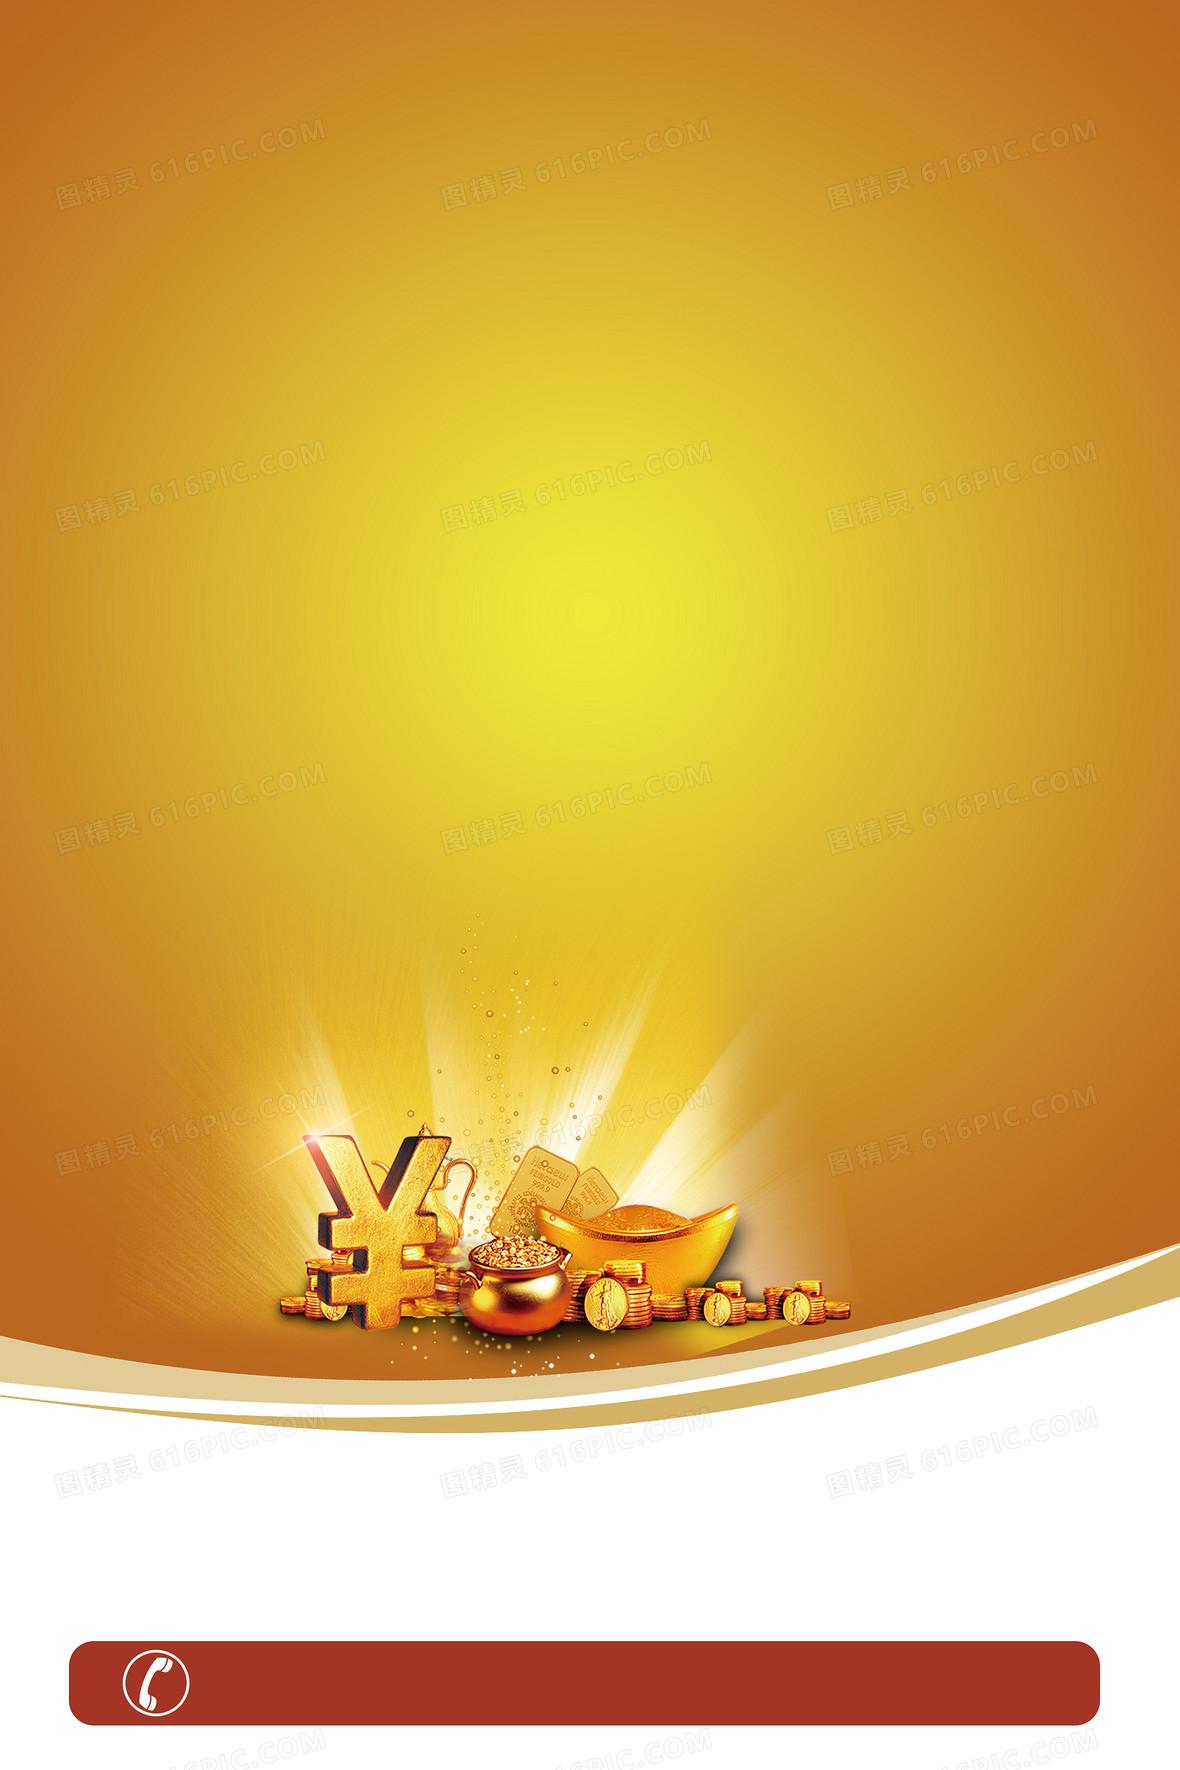 金色质感金融海报背景素材